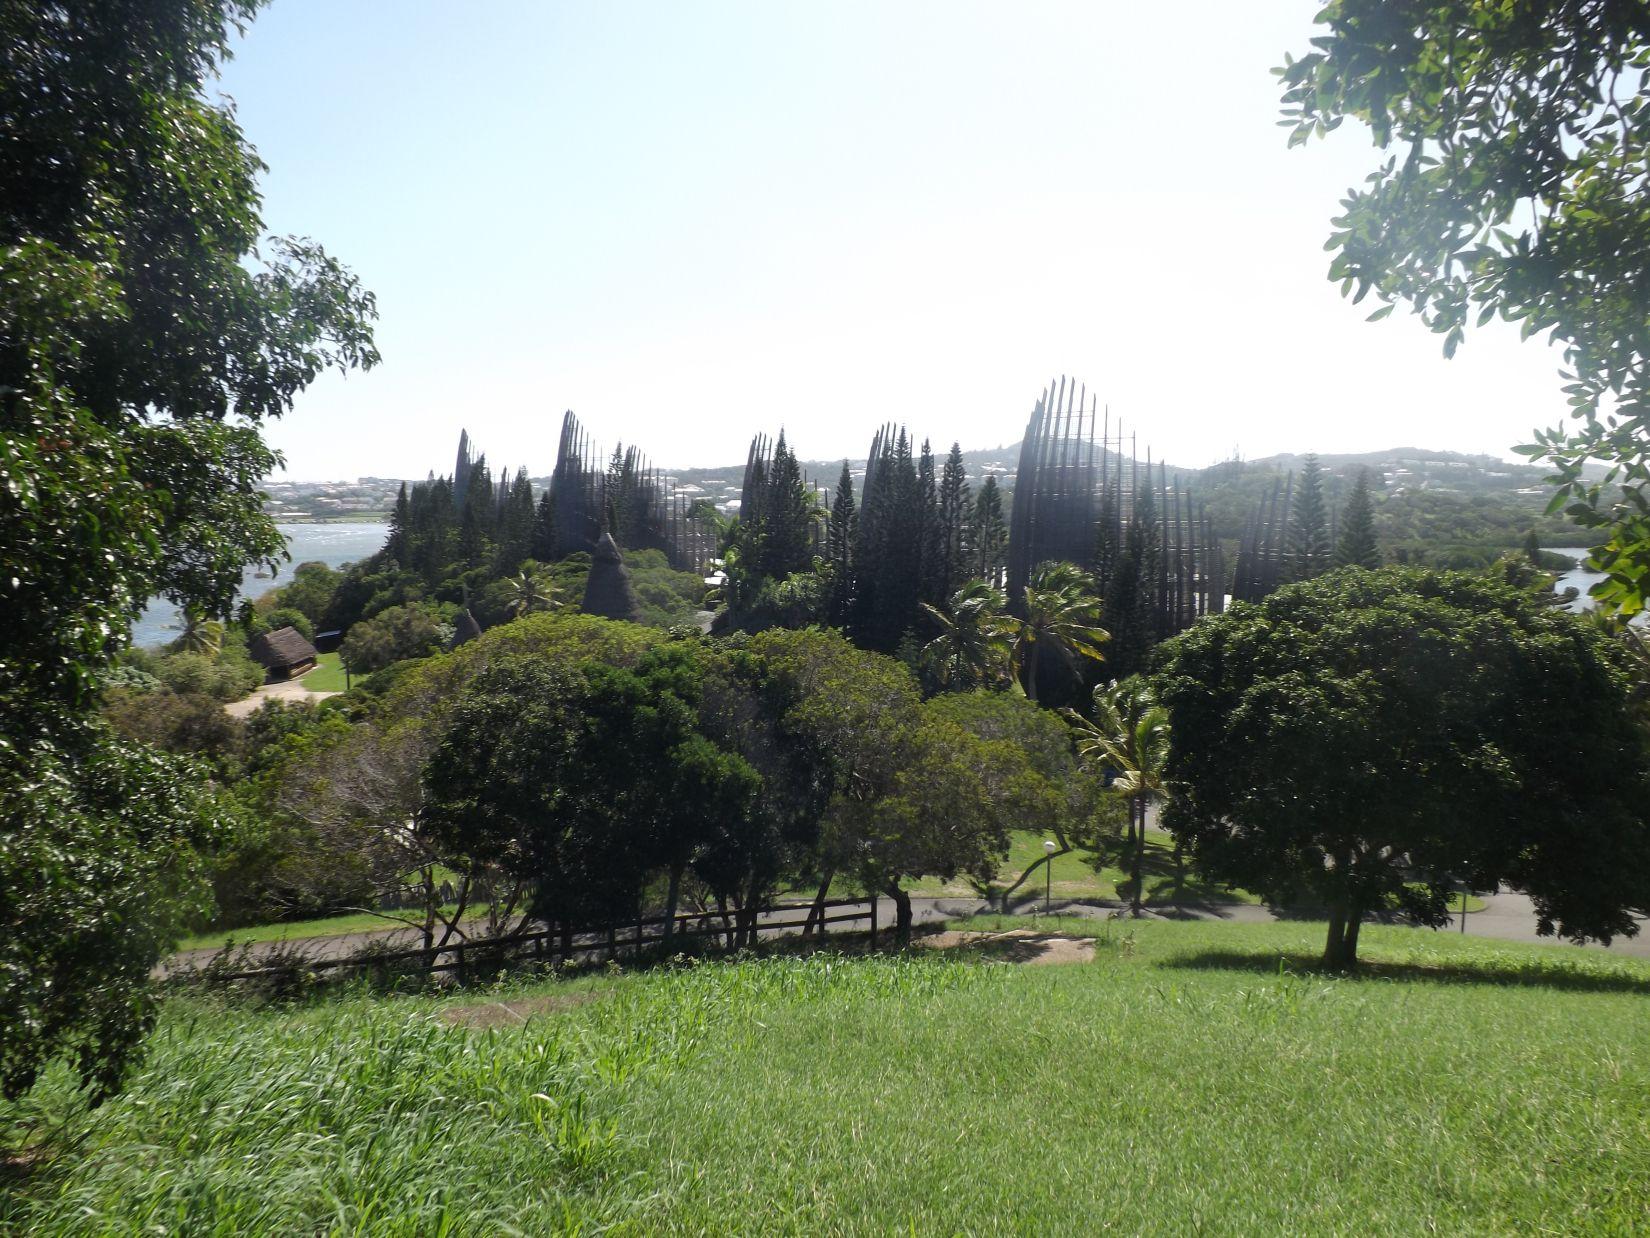 Visite du Centre culturel Tjibaou à Nouméa en Nouvelle-Calédonie